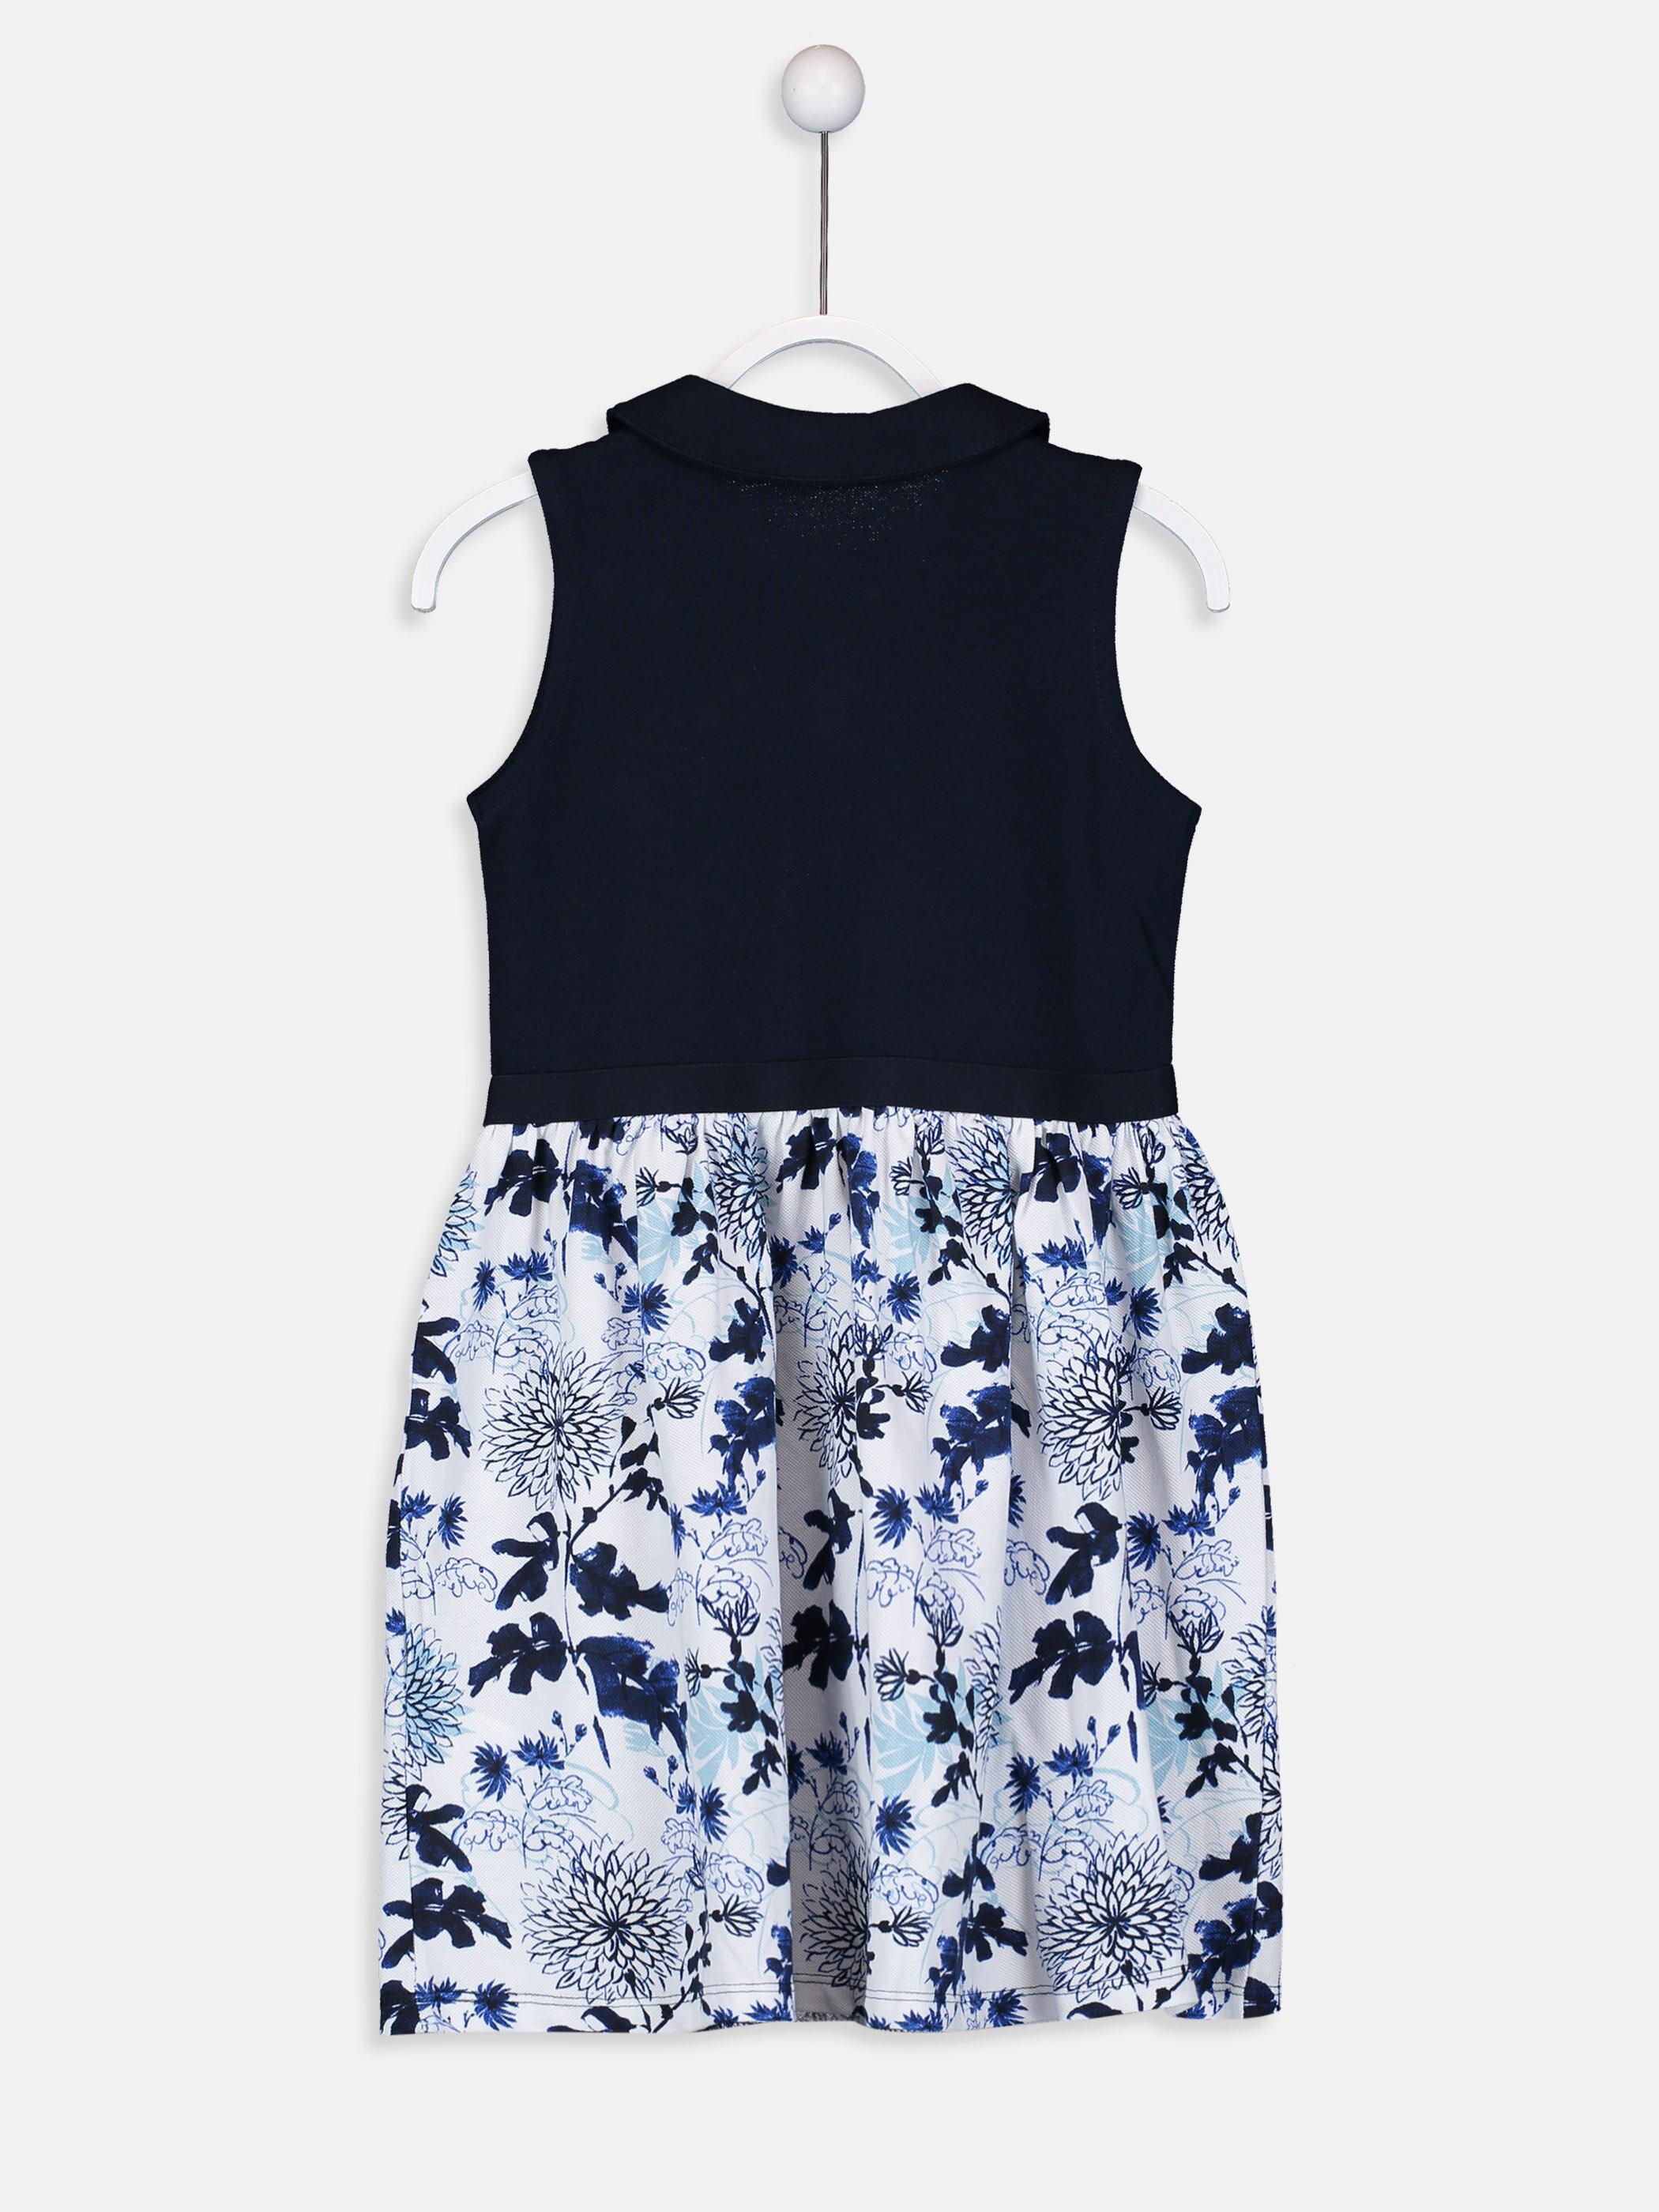 Kız Çocuk Çiçek Desenli Elbise -9SK021Z4-HRC